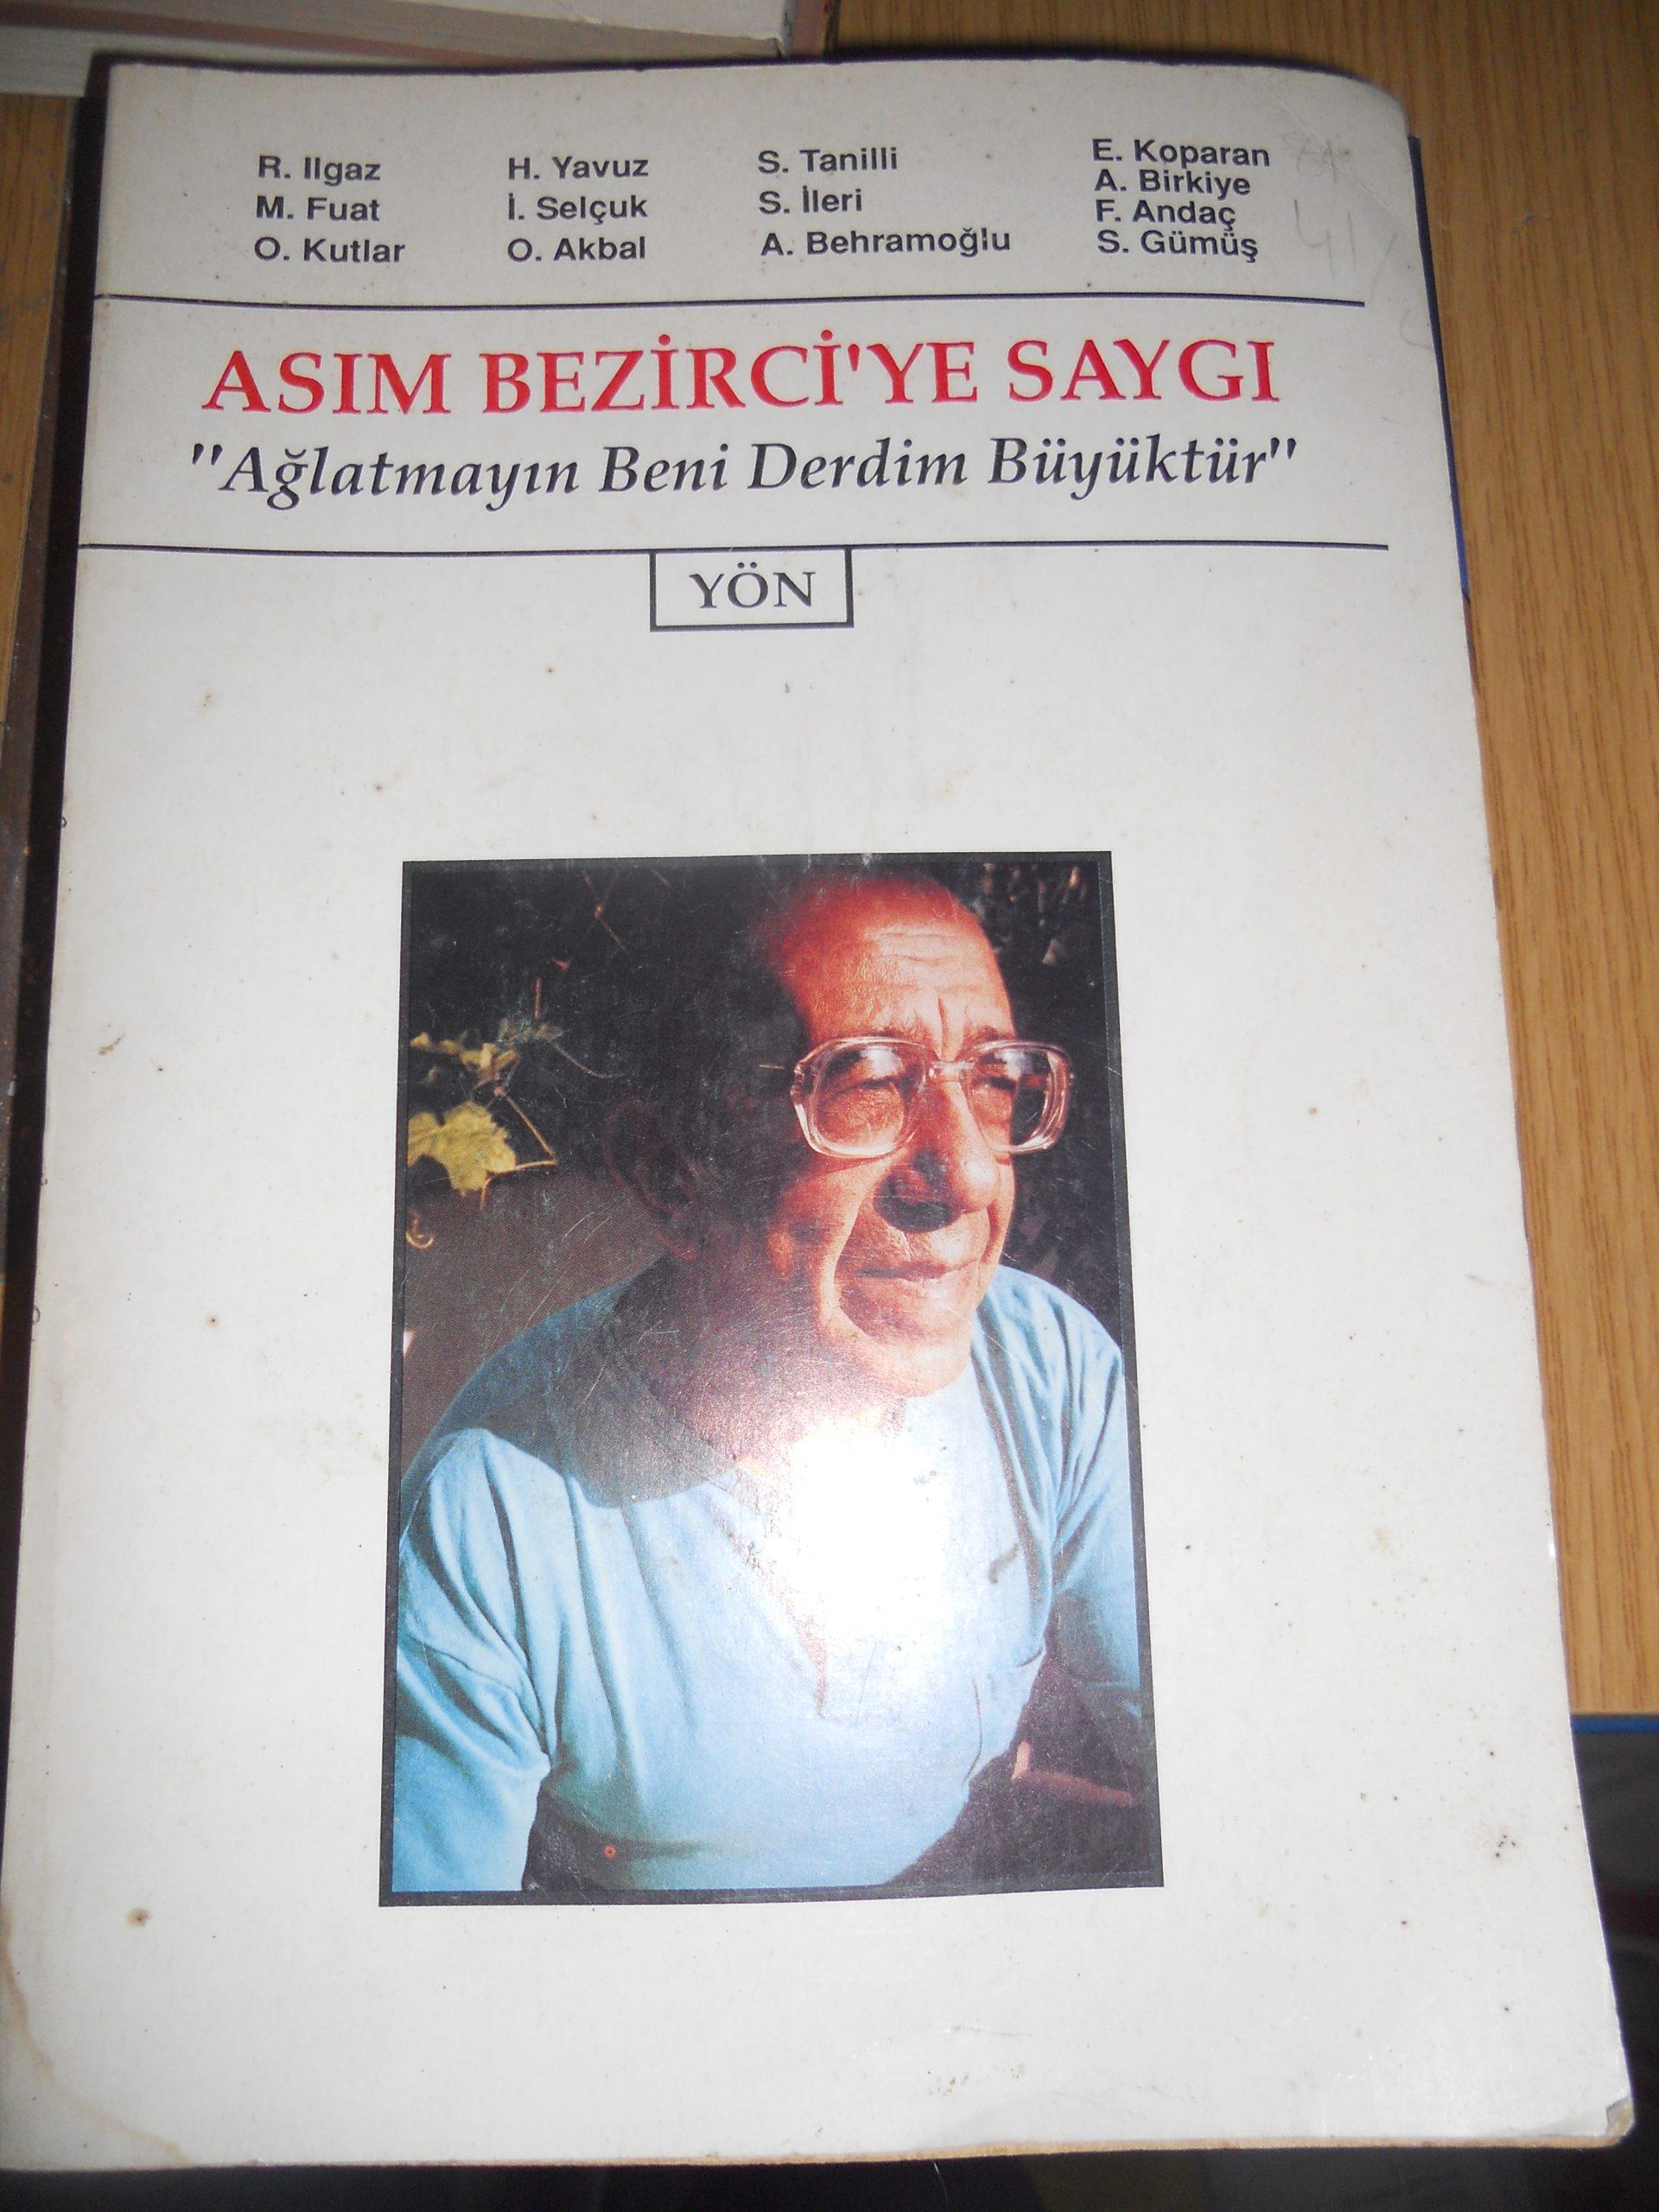 ASIM BEZİRCİ'YE SAYGI-Ağlatmayın beni derdim büyüktür-YÖN/20 TL